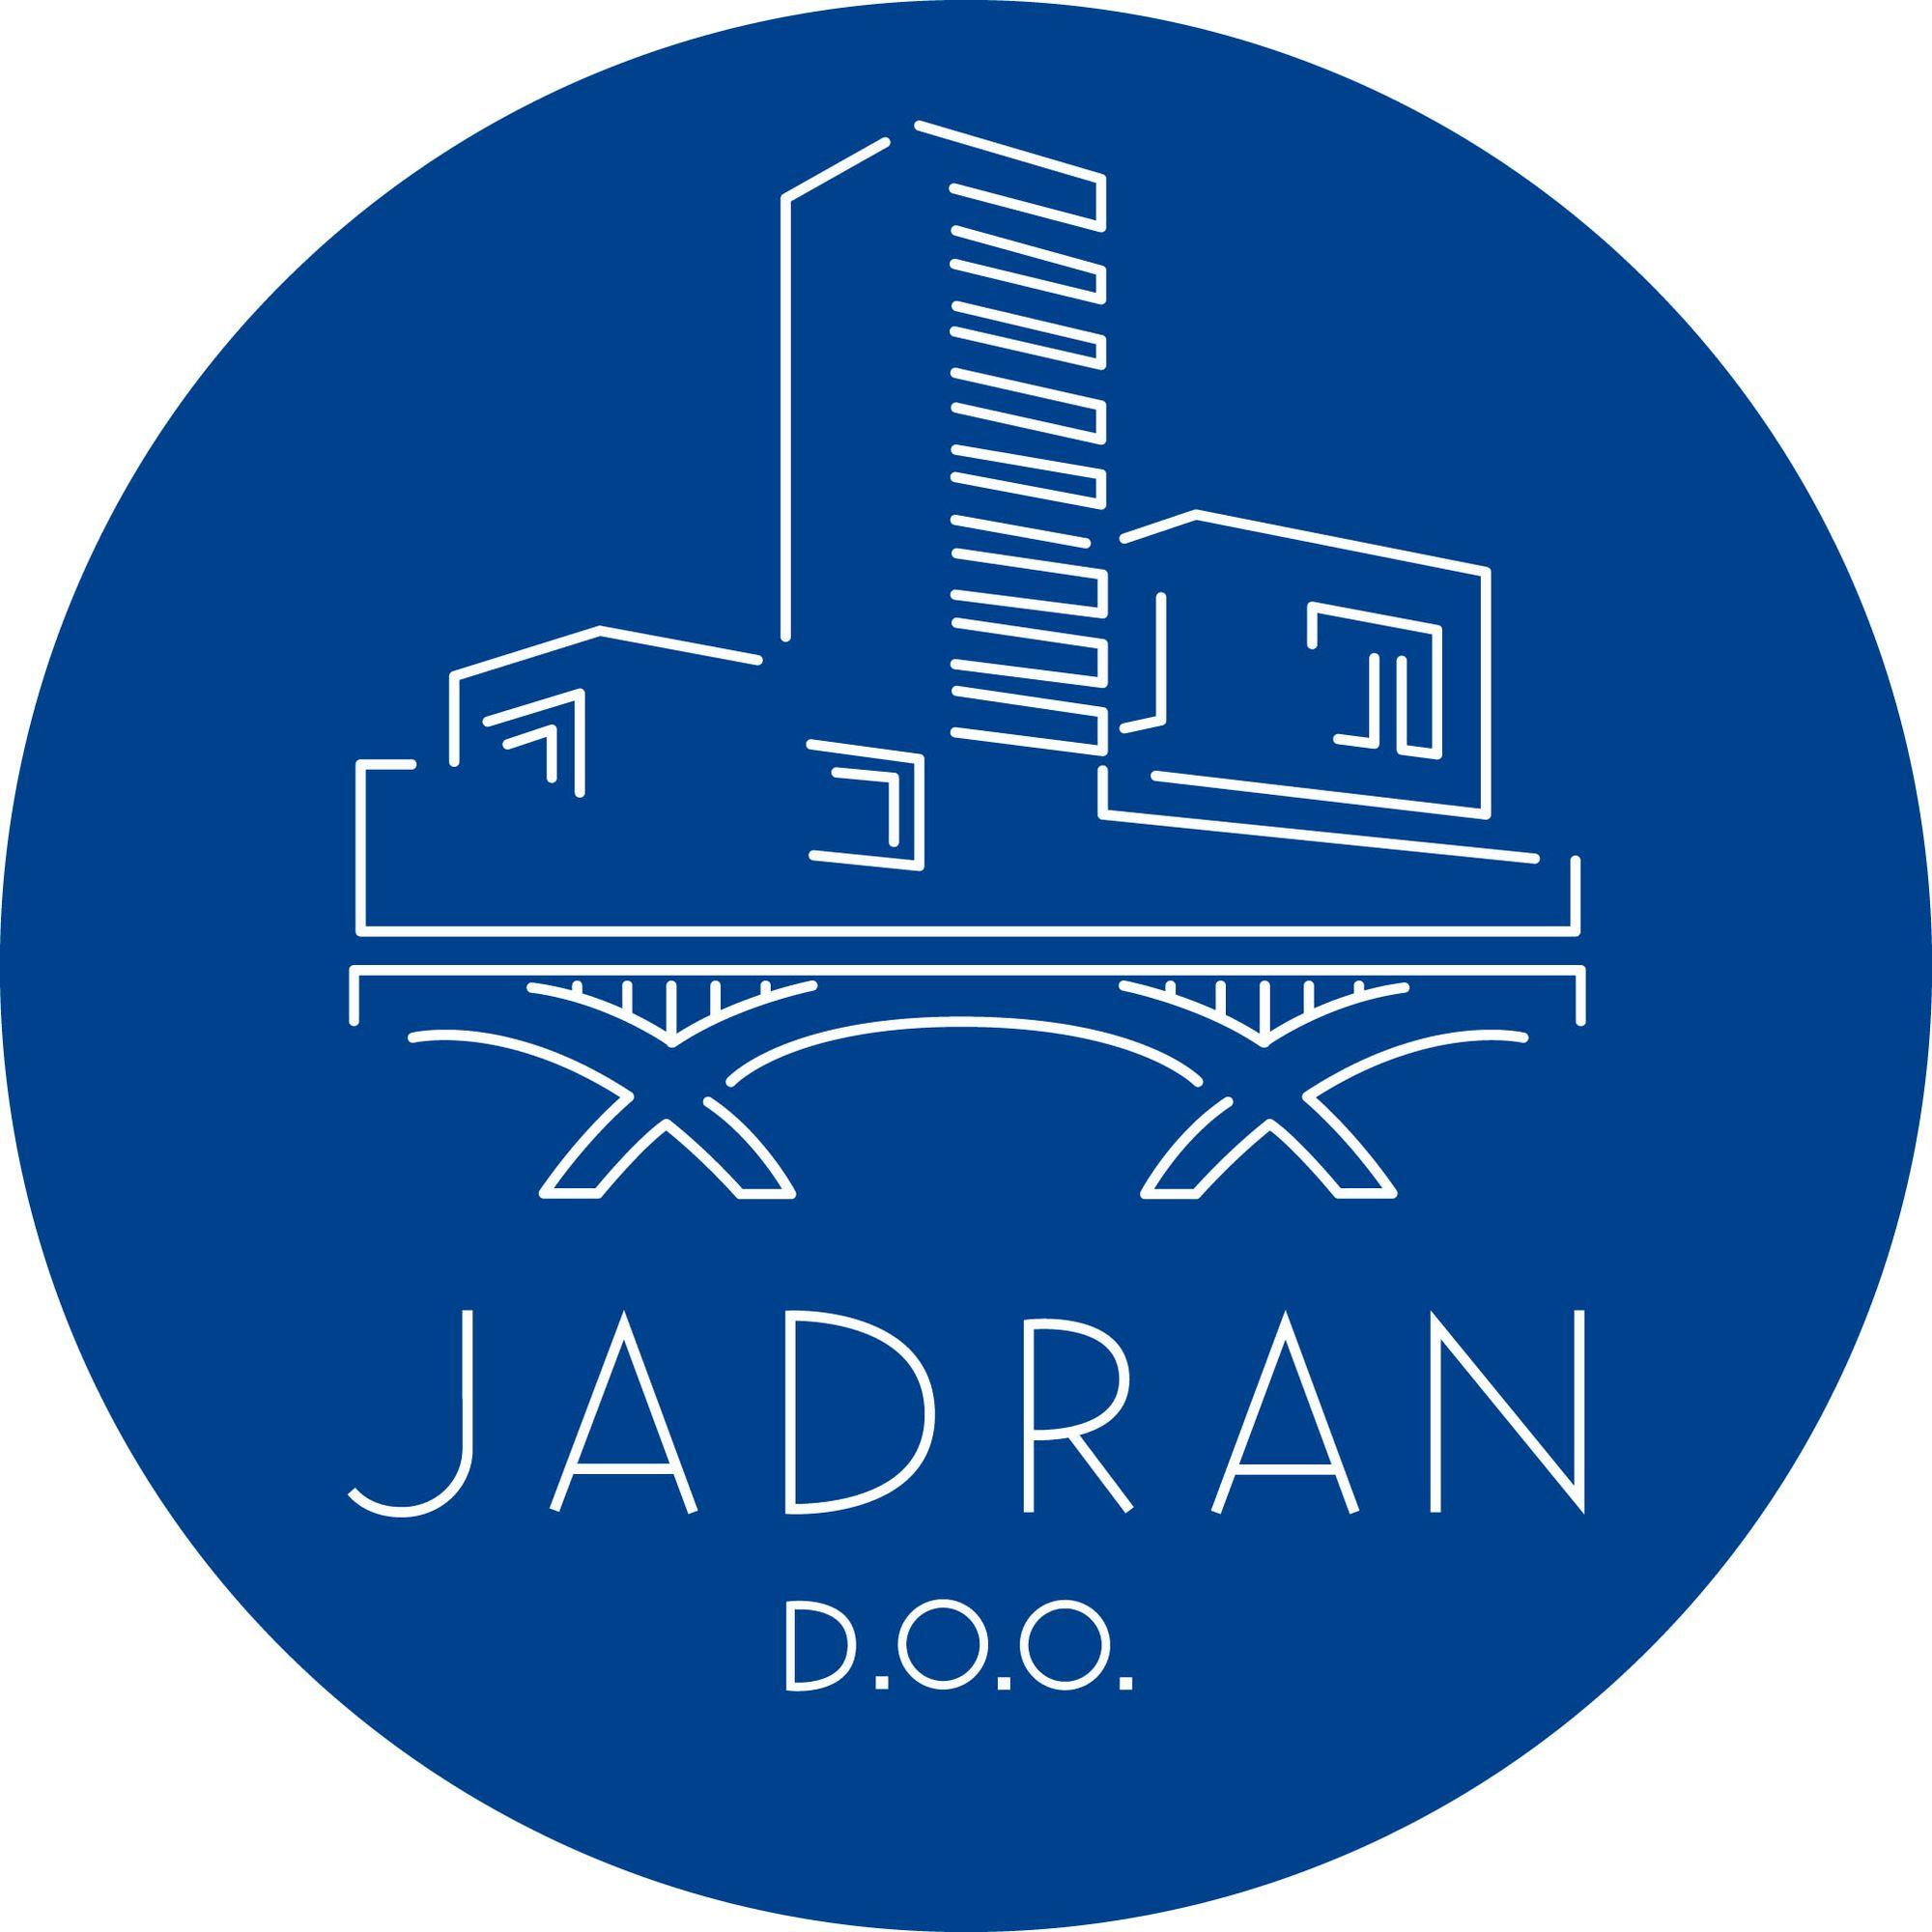 Jadran d.o.o. Beograd